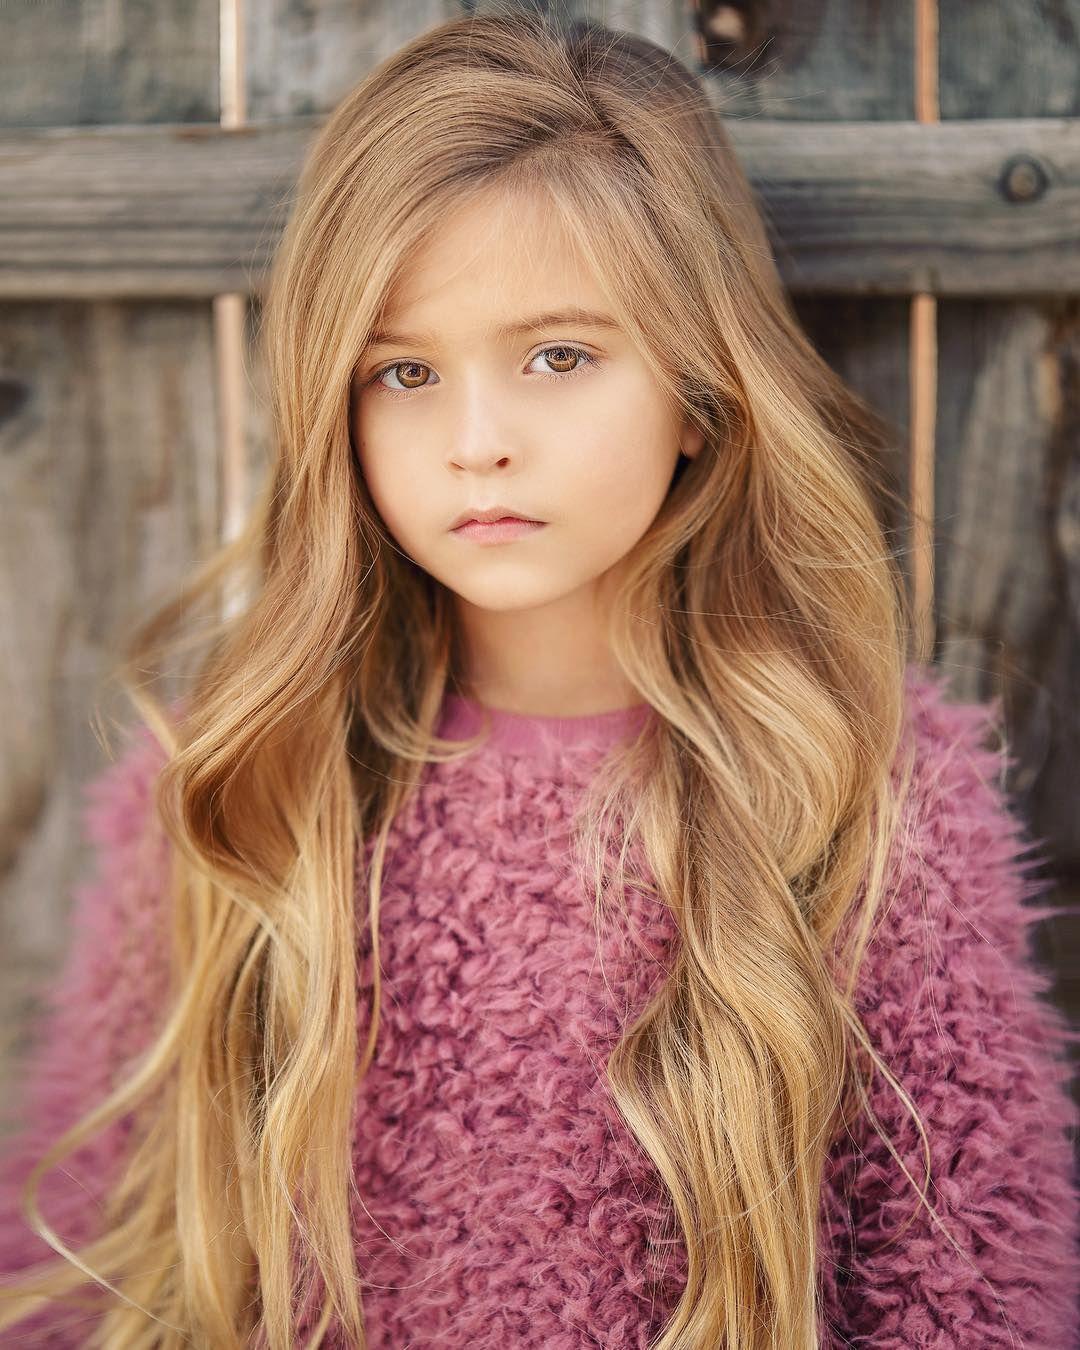 Workshop Blonde Cute Beautiful Adorable Girl Kid